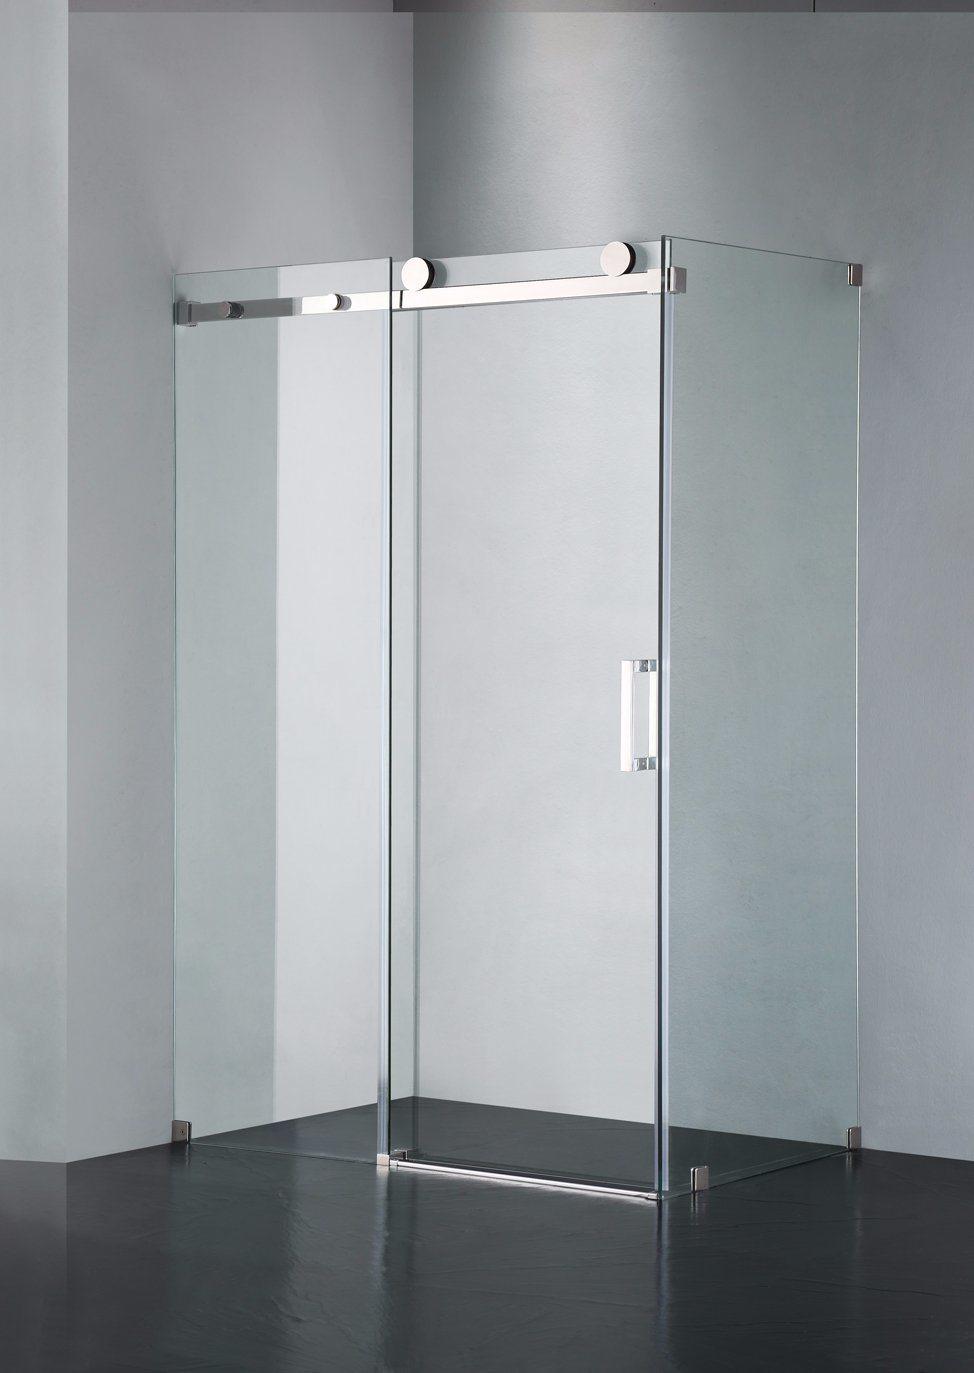 Hot Item Upc 05 Straight Frameless Double Sliding Shower Door